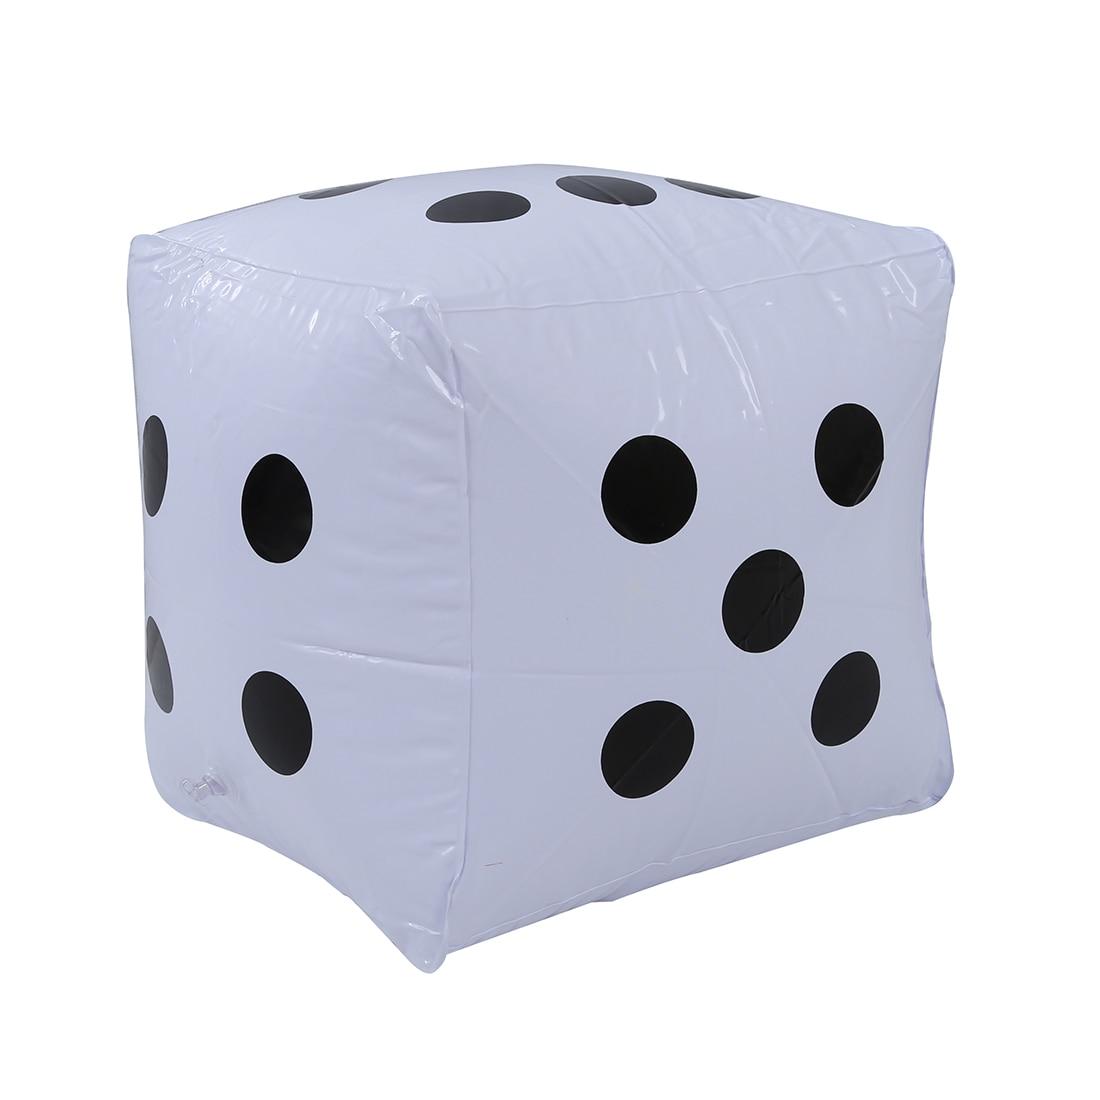 2 шт. большие надувные Игральная кость бассейн игрушка партия выступает --- белый